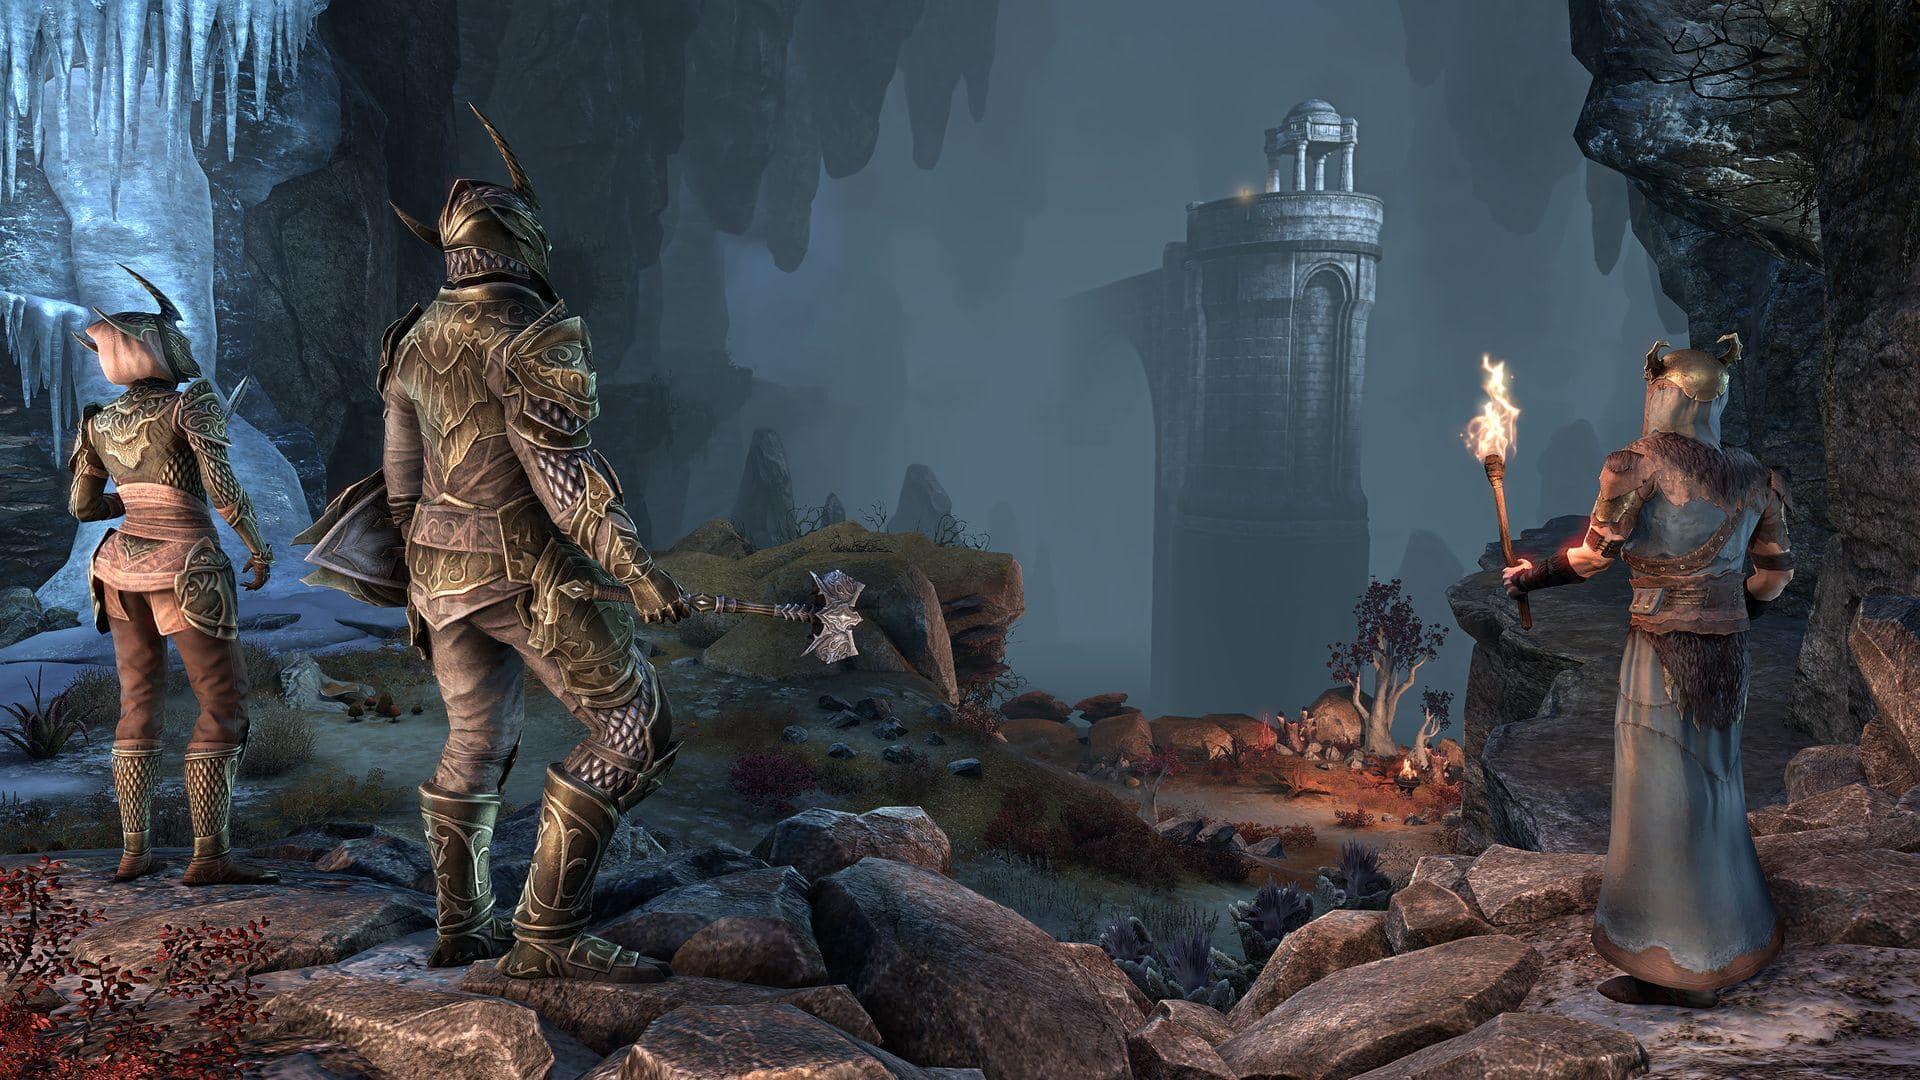 Season of the Dragon begins in The Elder Scrolls Online as